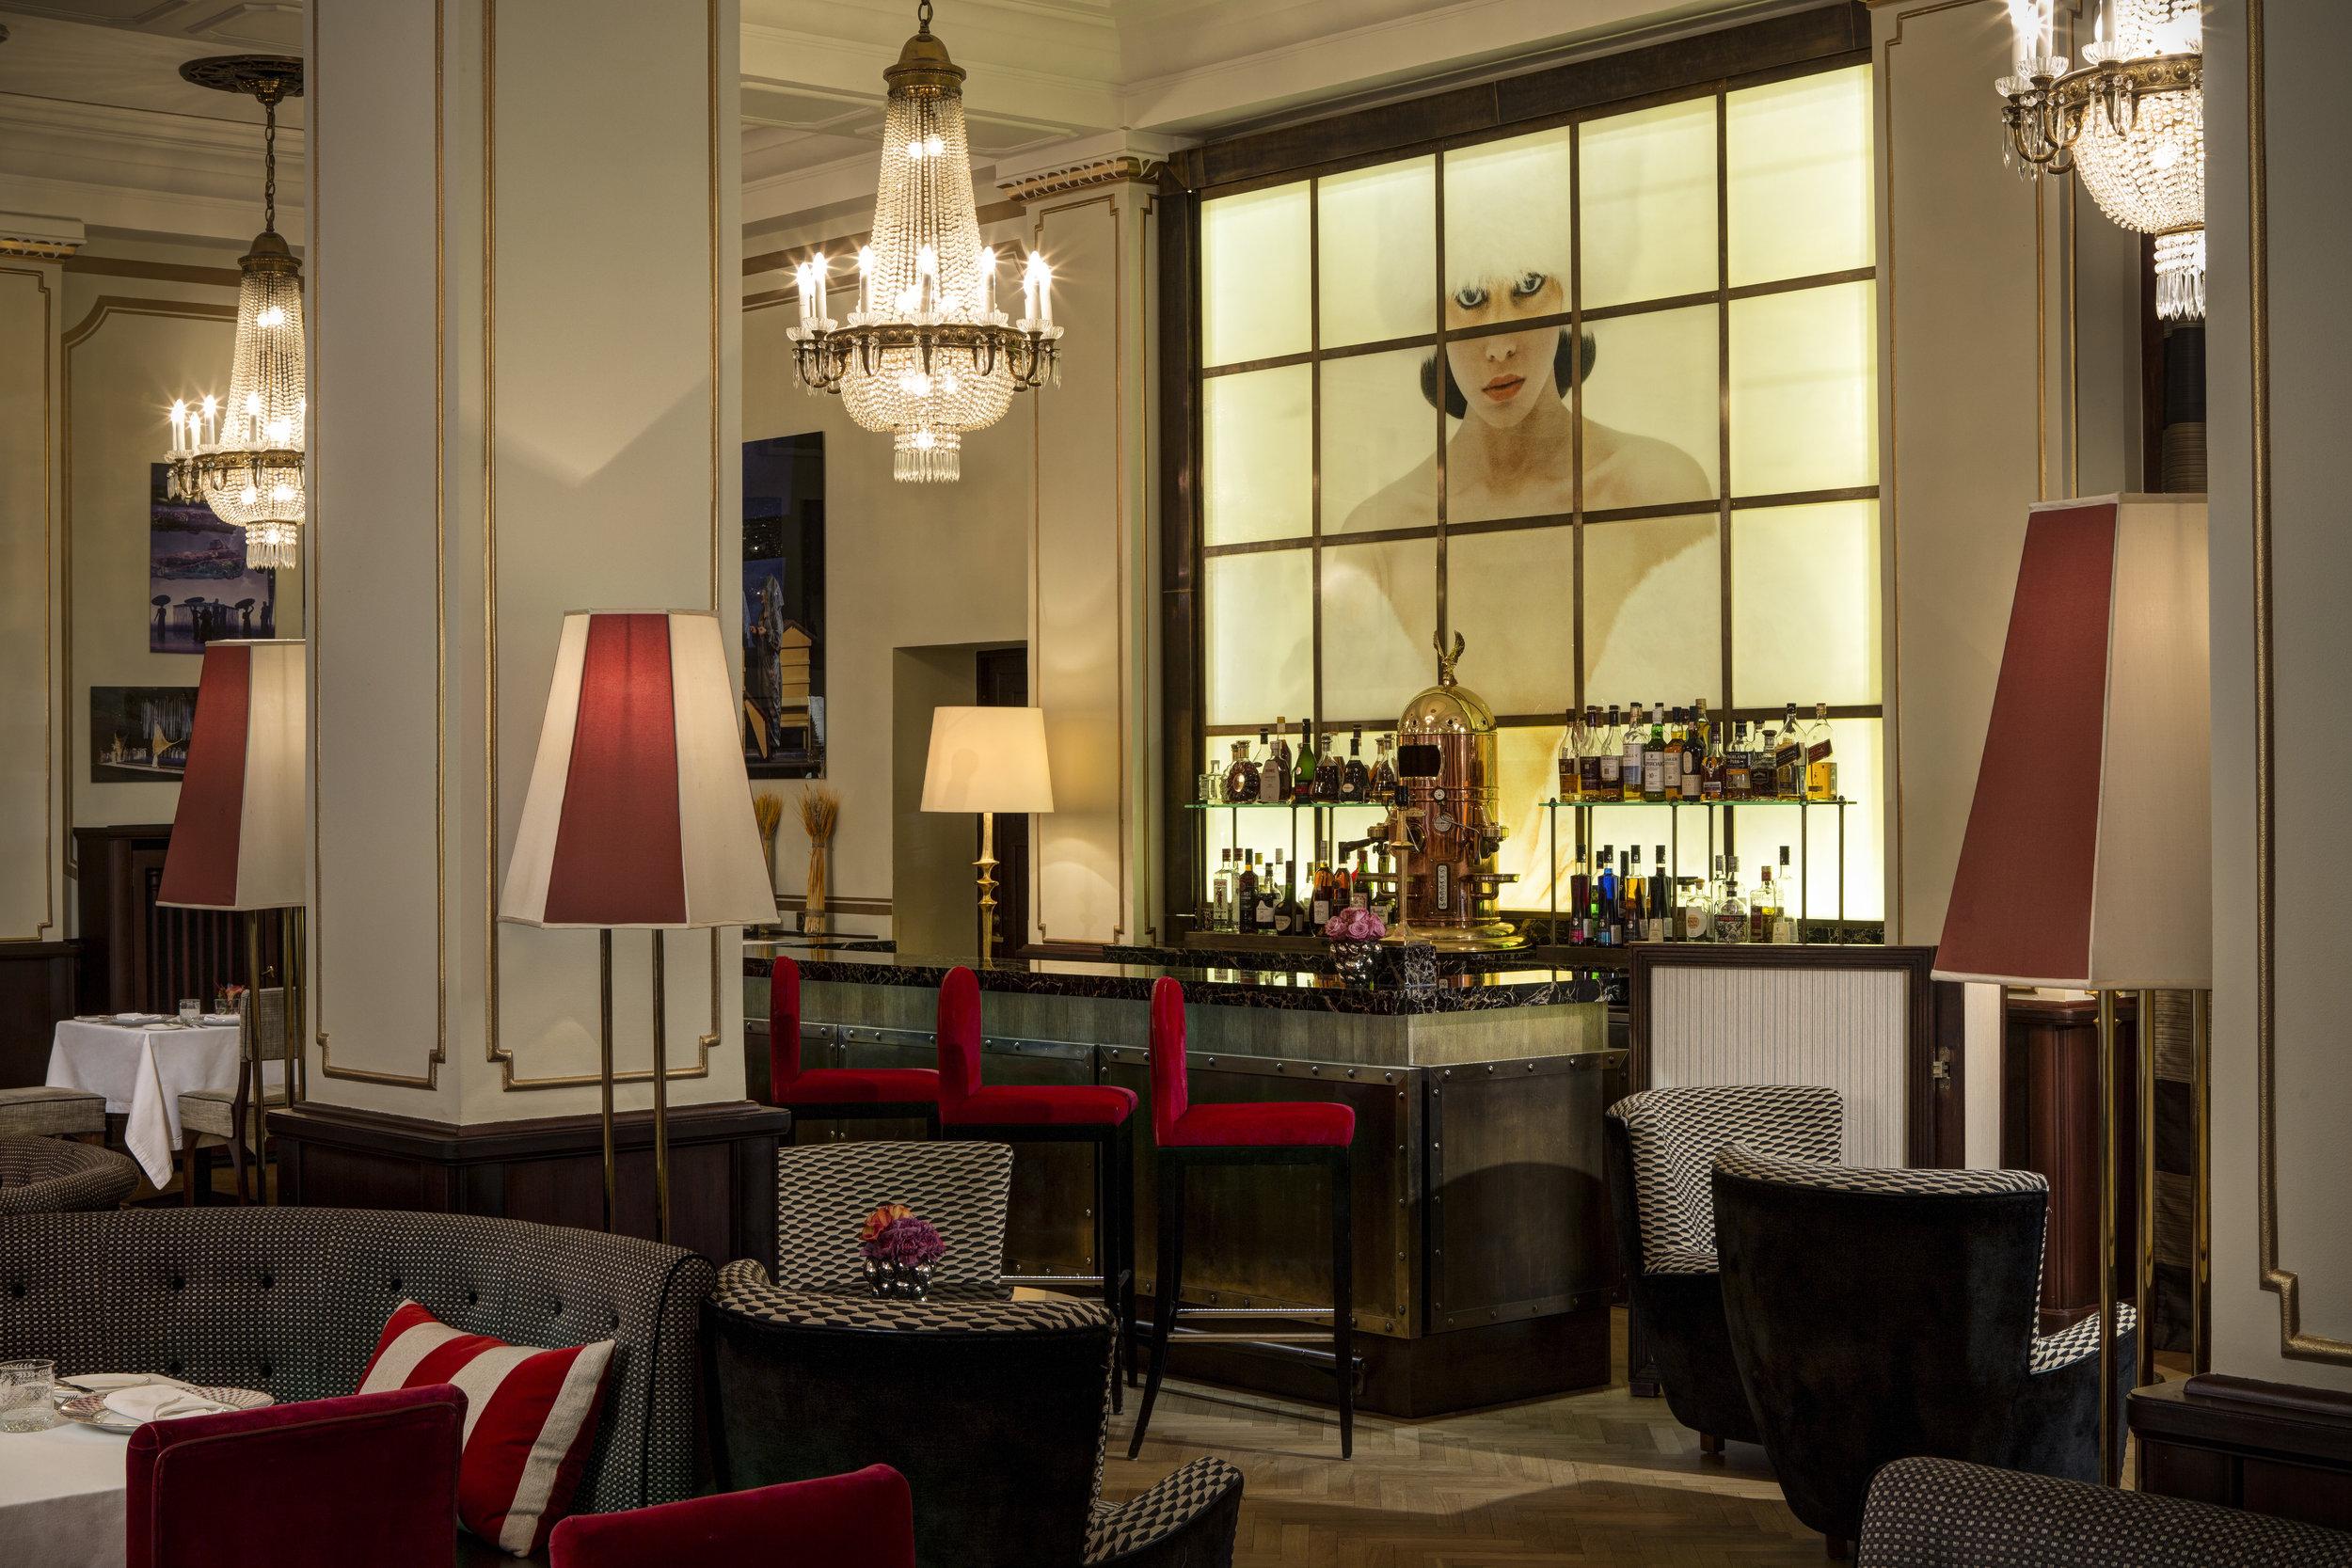 2 RFH Hotel Astoria - Astoria Cafe 7553.JPG